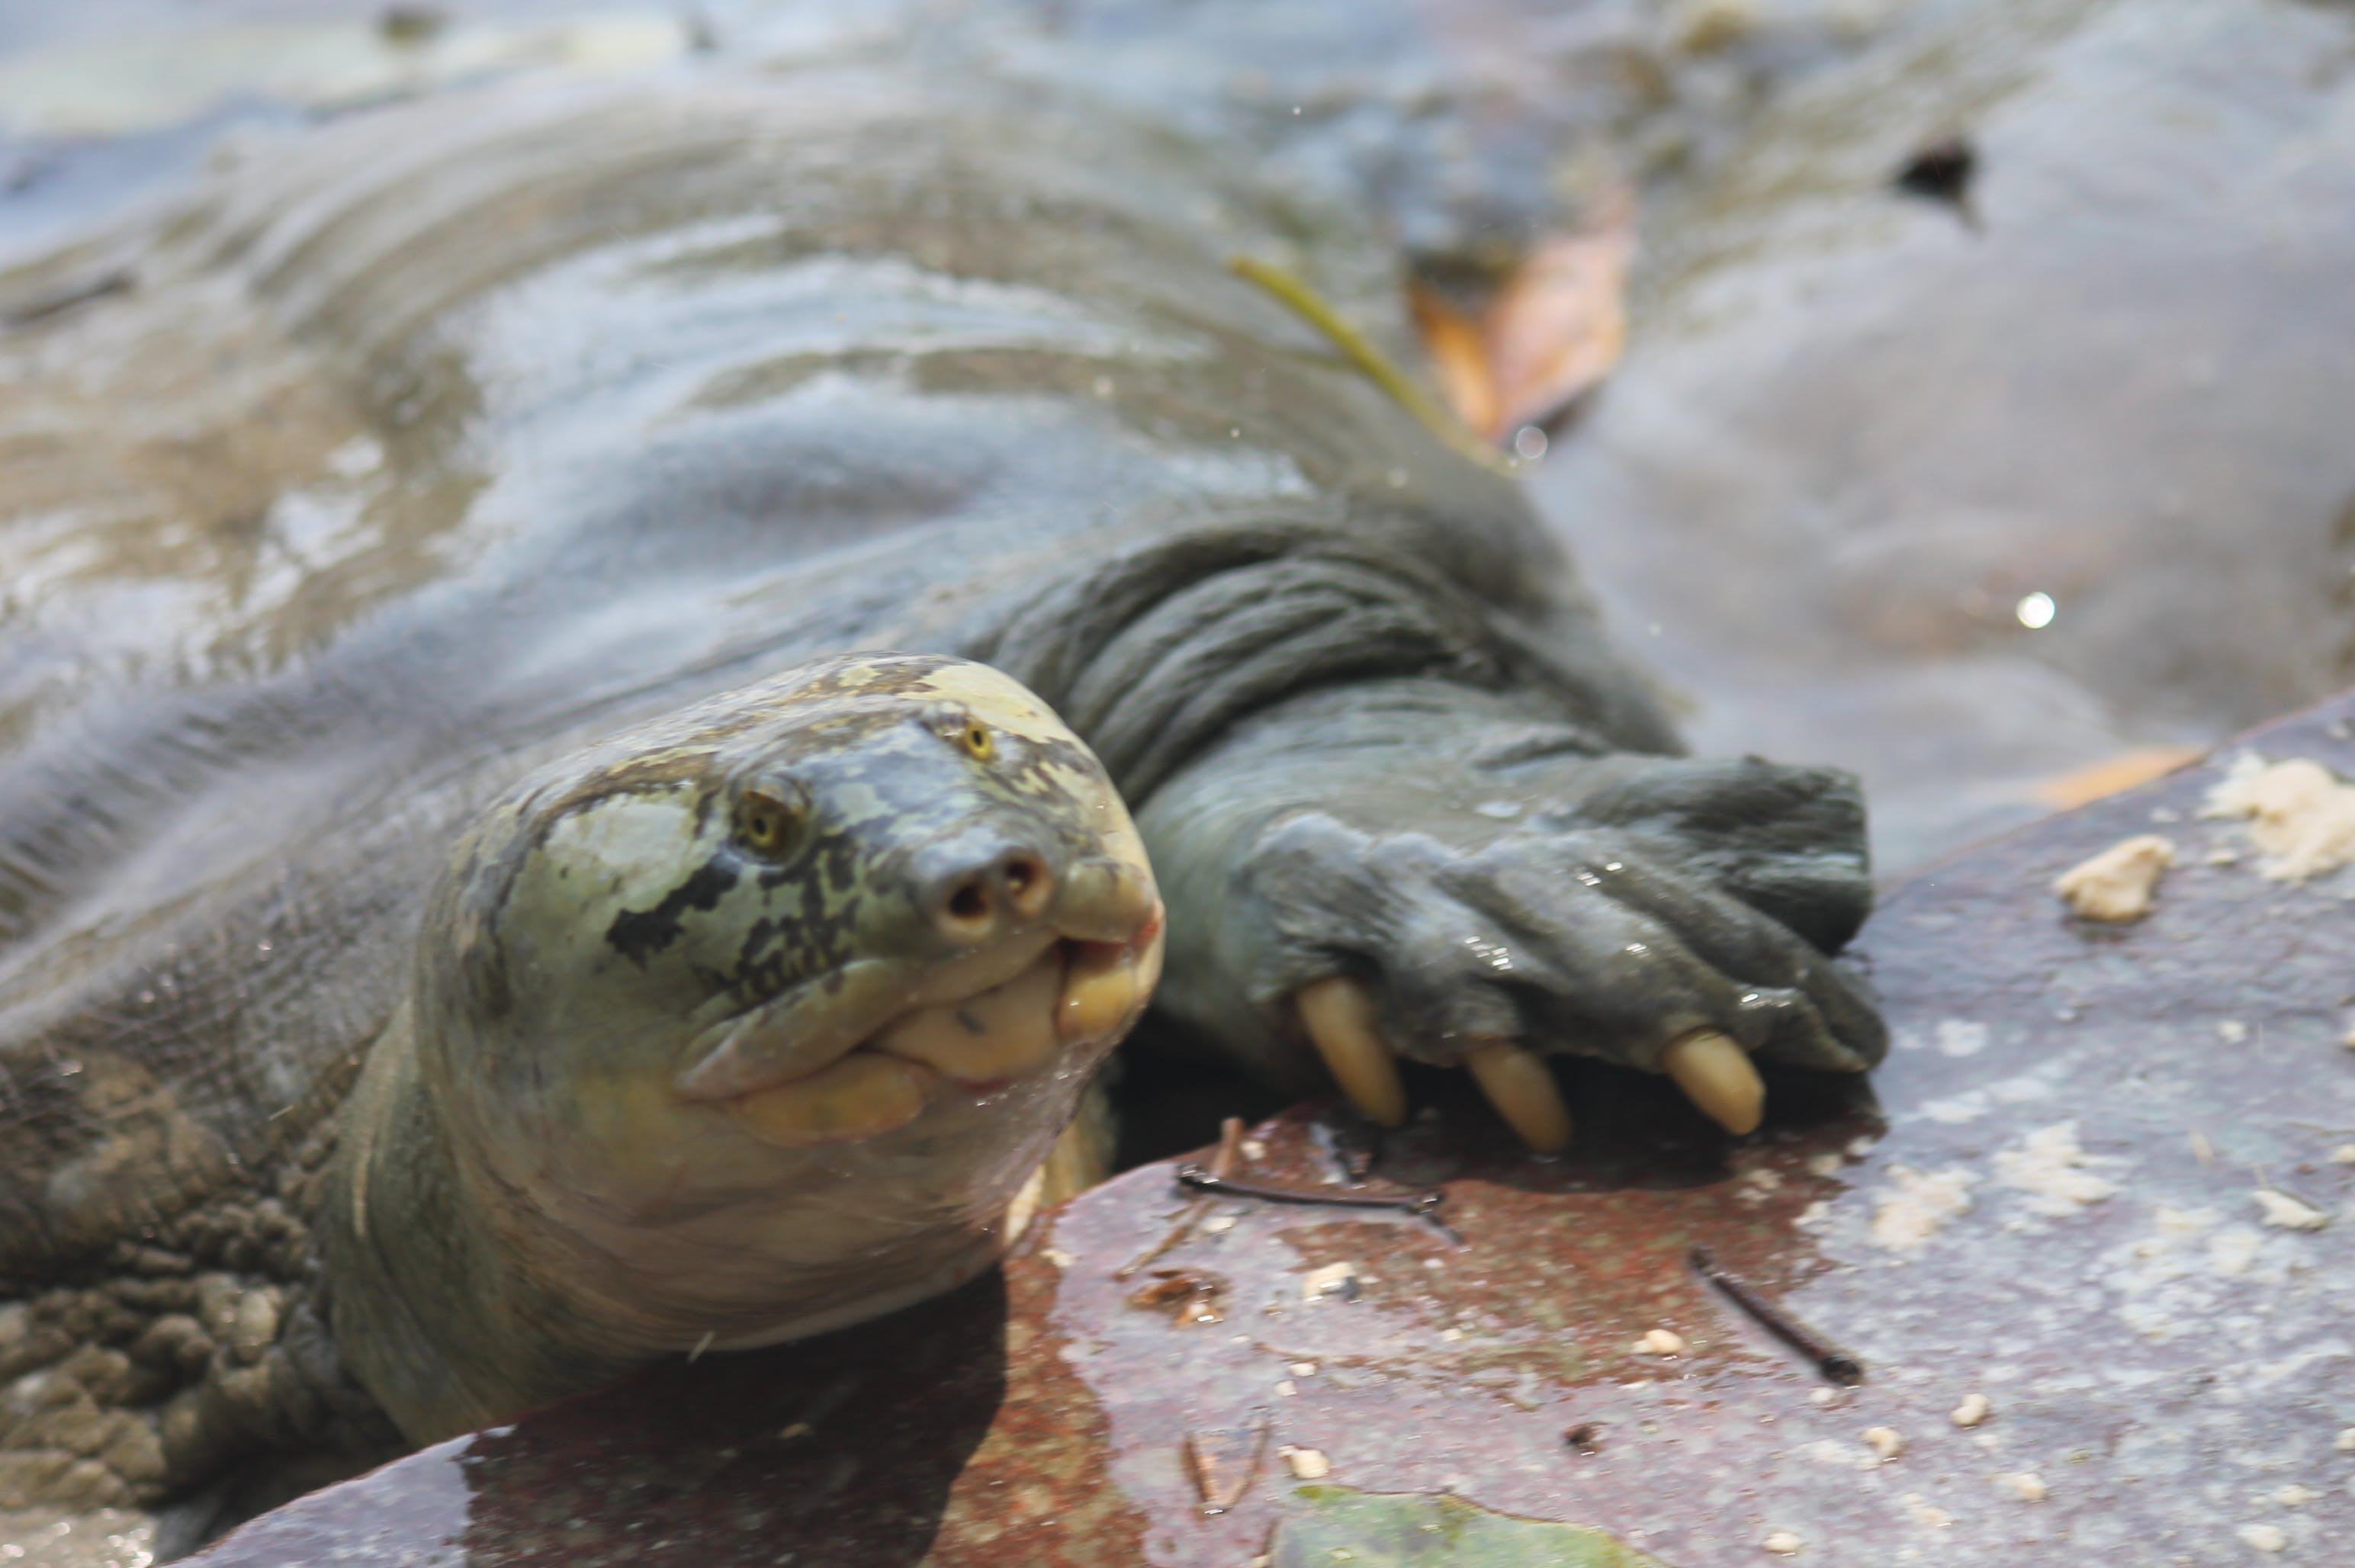 Kostenloses Stock Foto zu schildkröte, tier